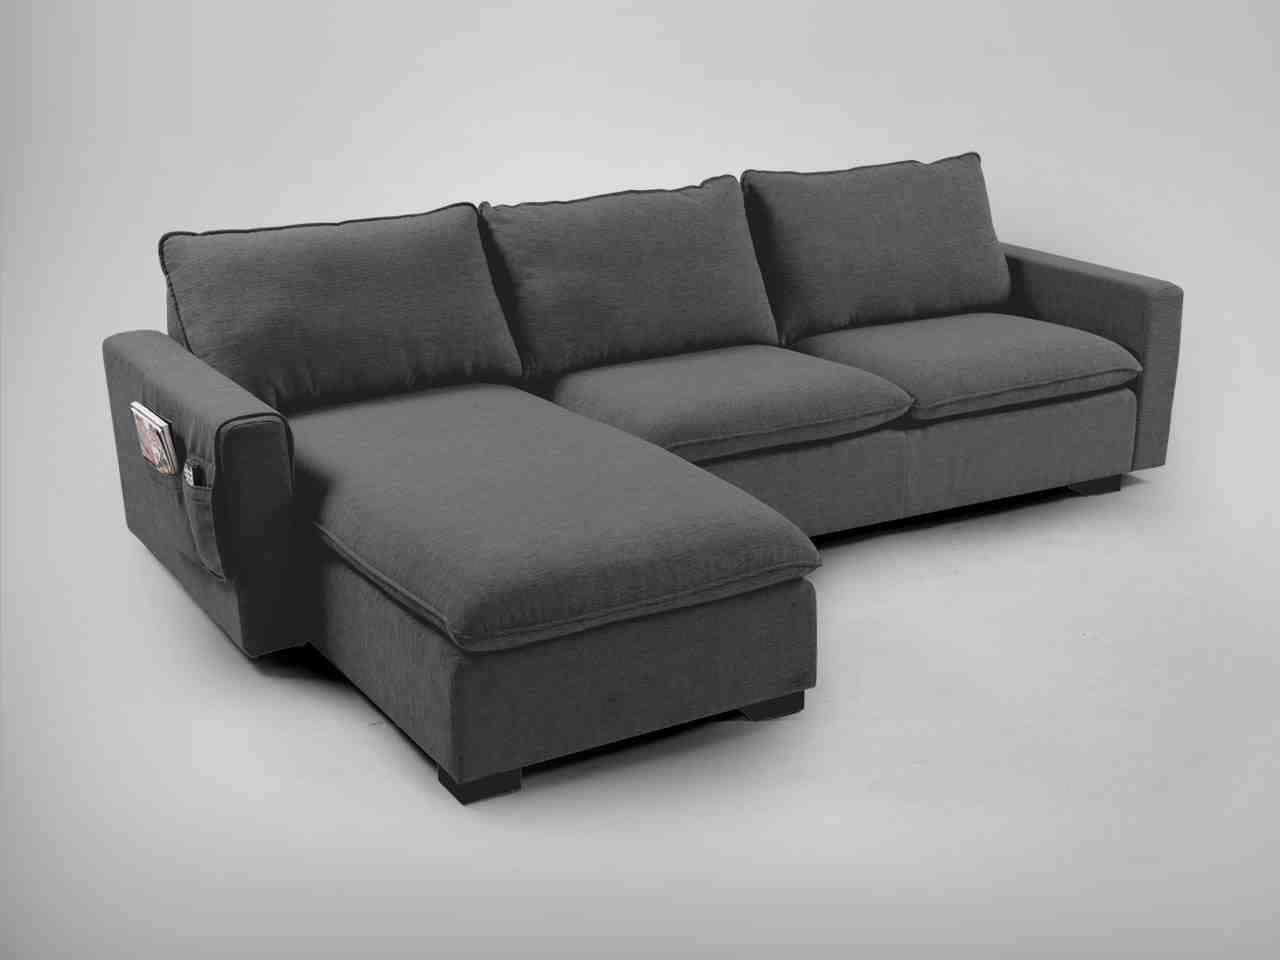 L Shaped Sofa And Why It Makes Sense